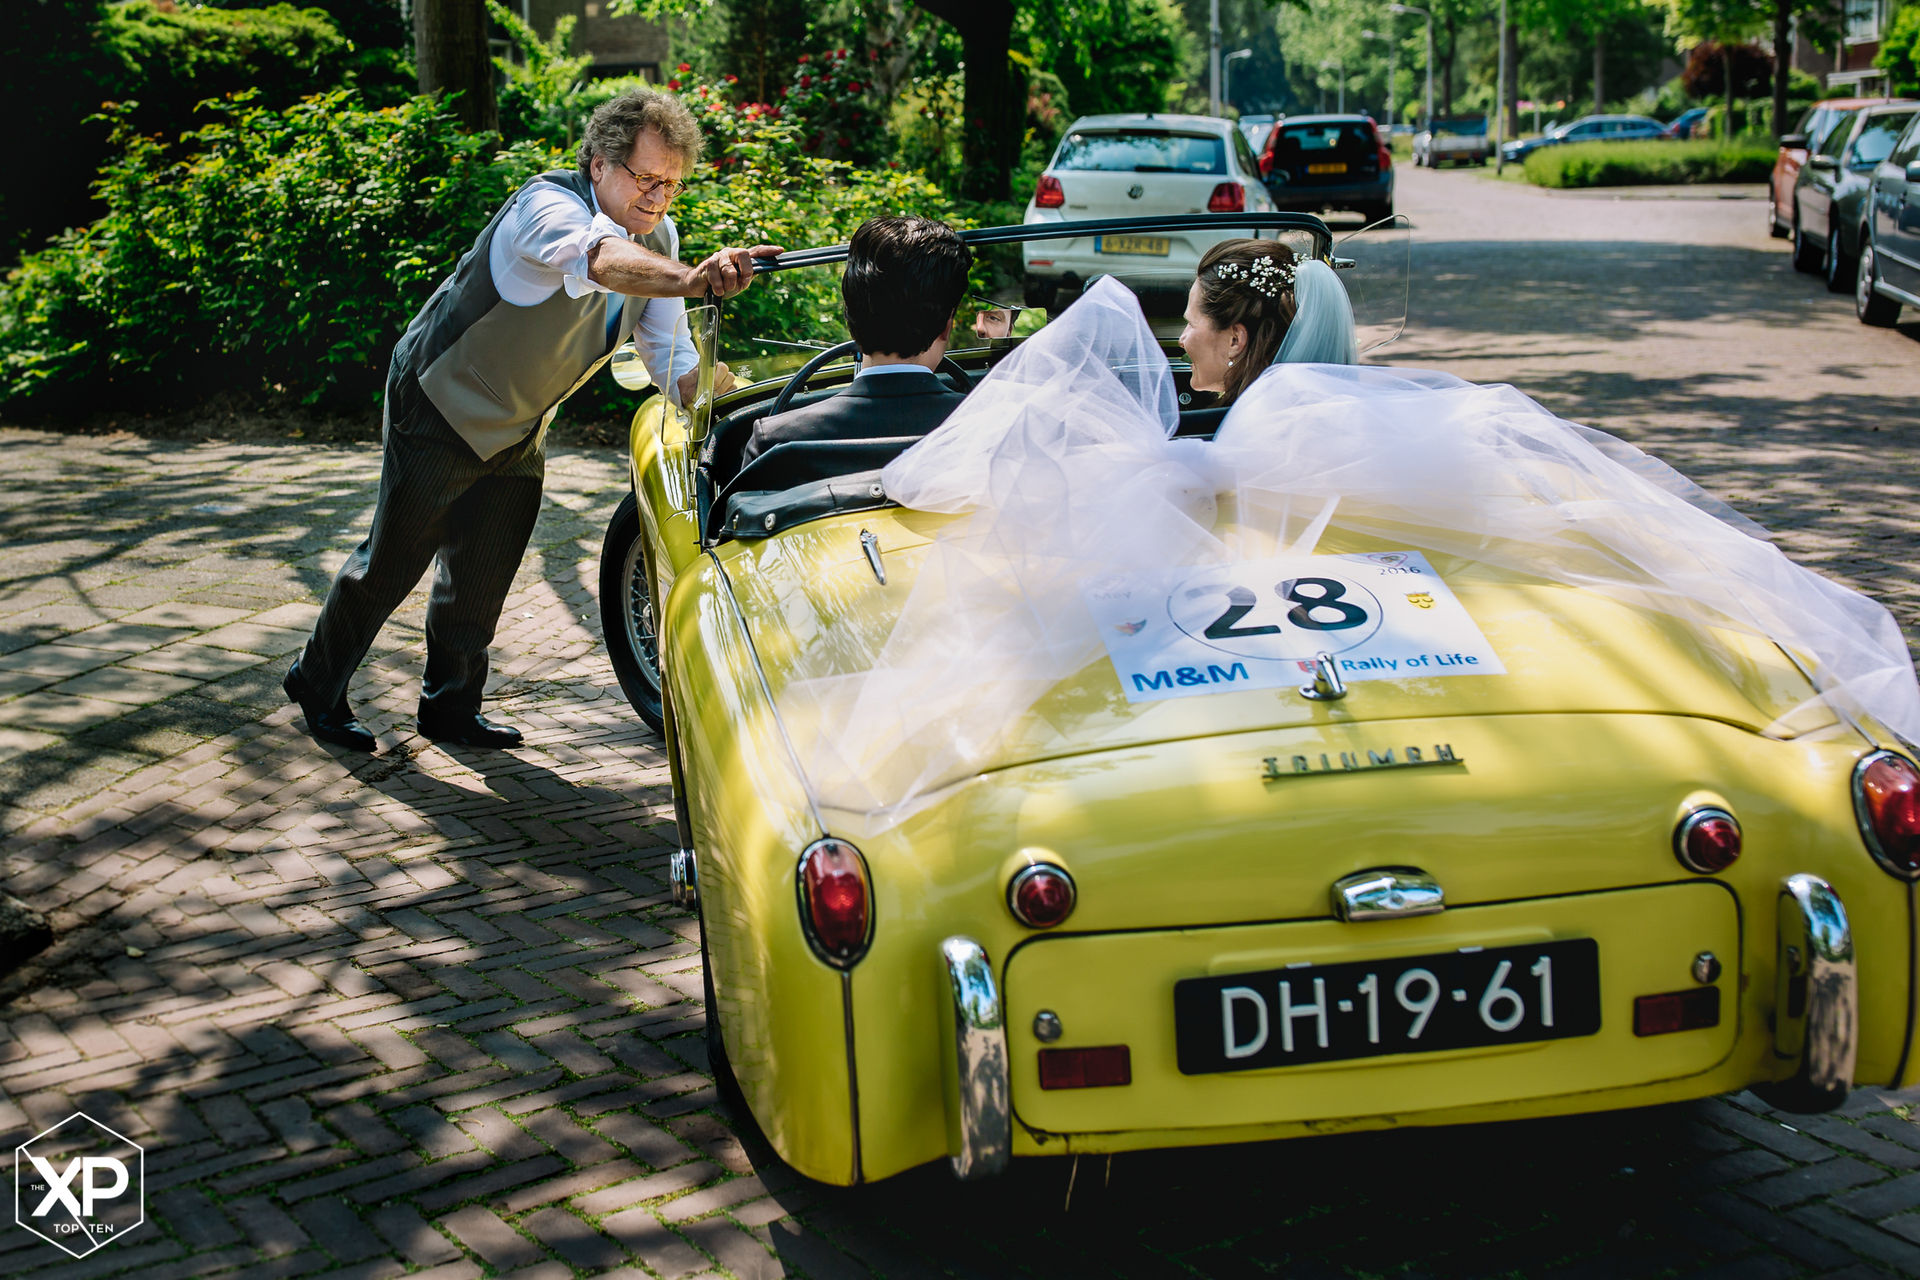 #10 Arjan van der Plaat - NETHERLANDS